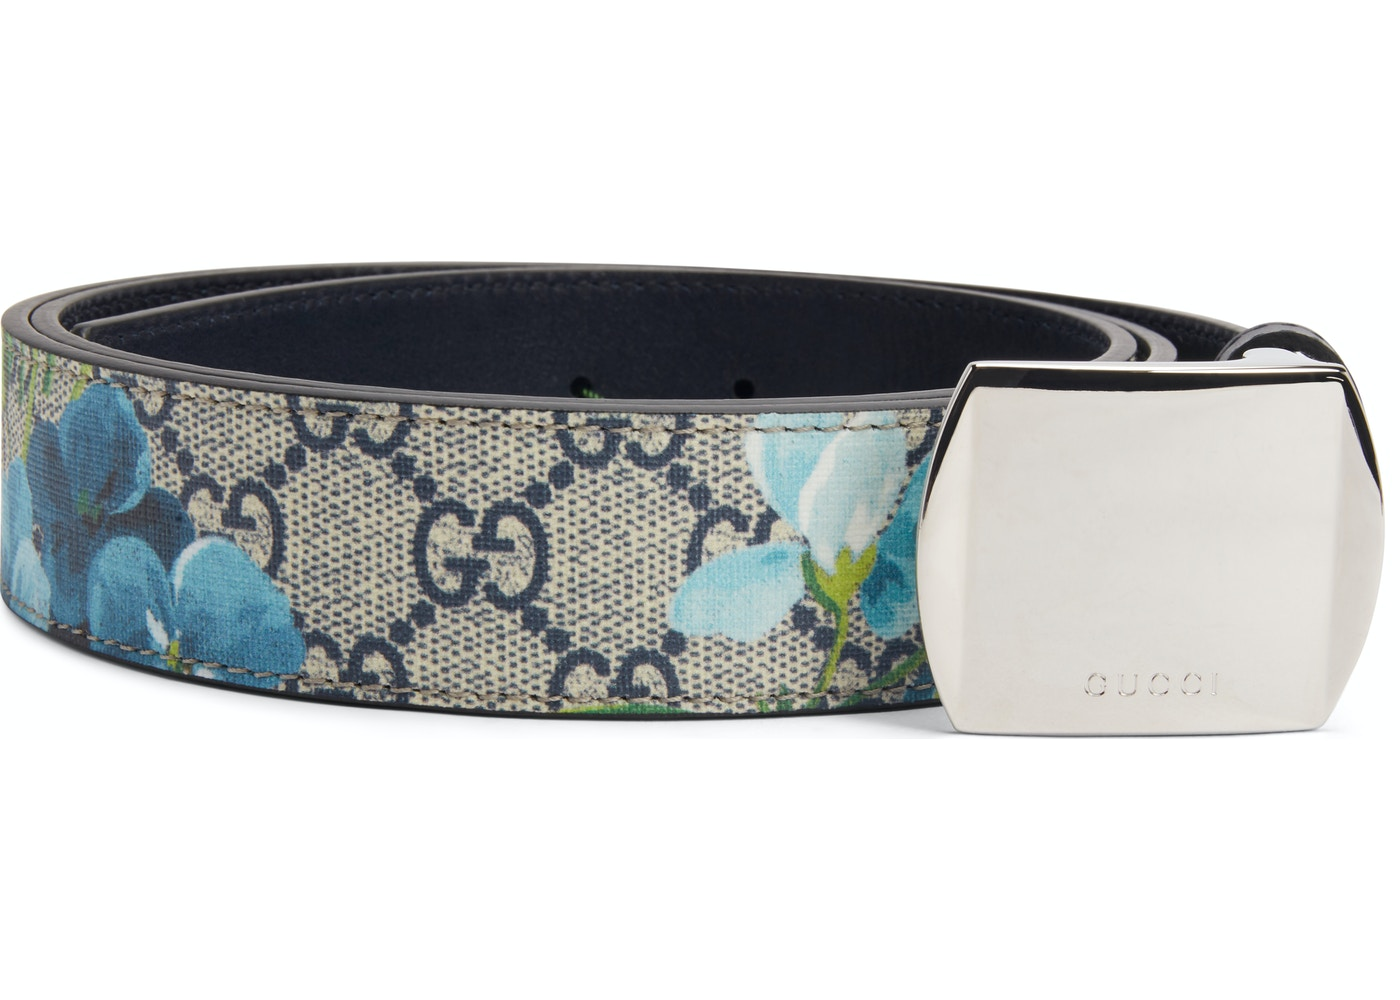 c80d57d198c Buy   Sell Gucci Handbags - Most Popular